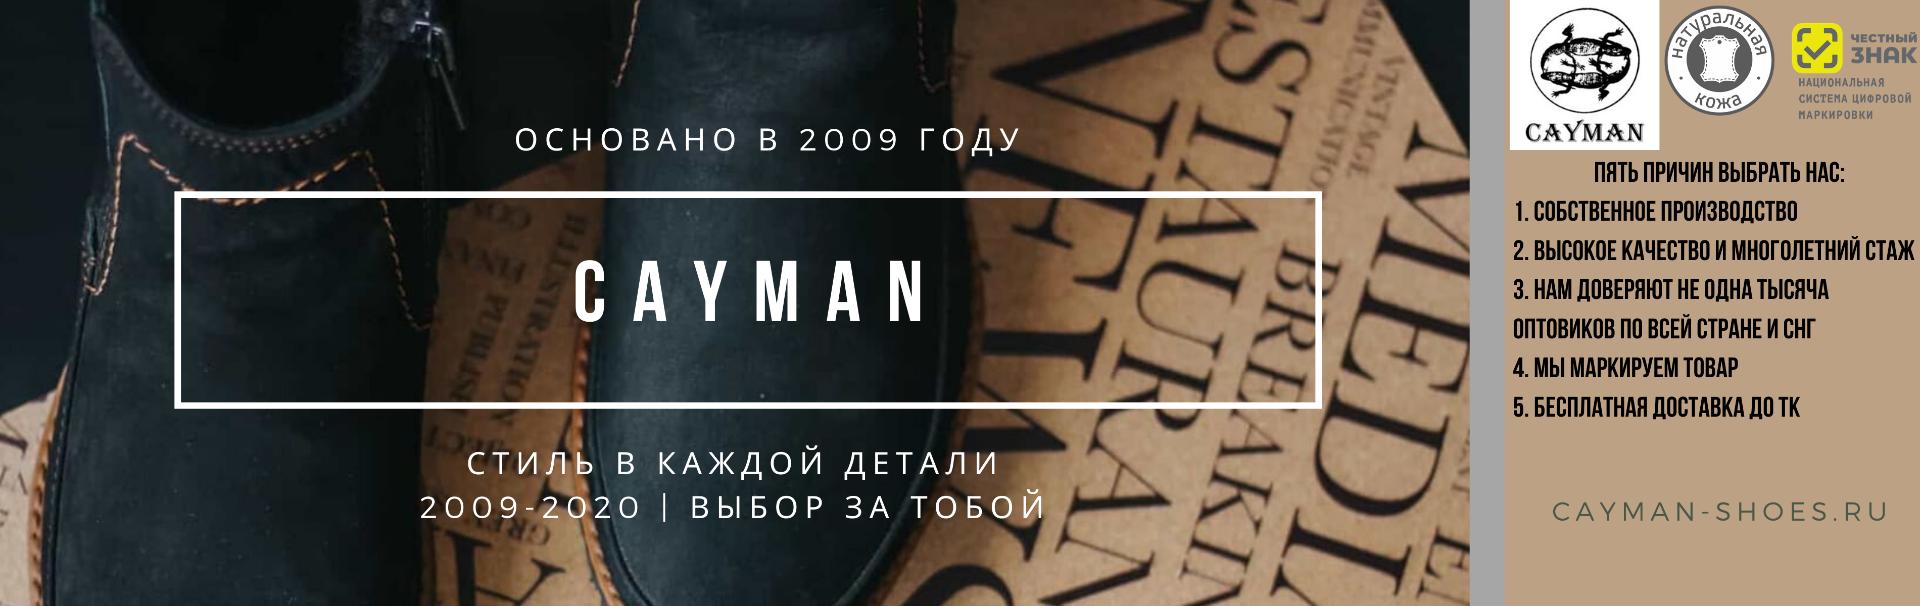 Cayman бренд Кайман мужской и женской обуви из натуральной кожи по оптовой цене прайс лист заказать обувь